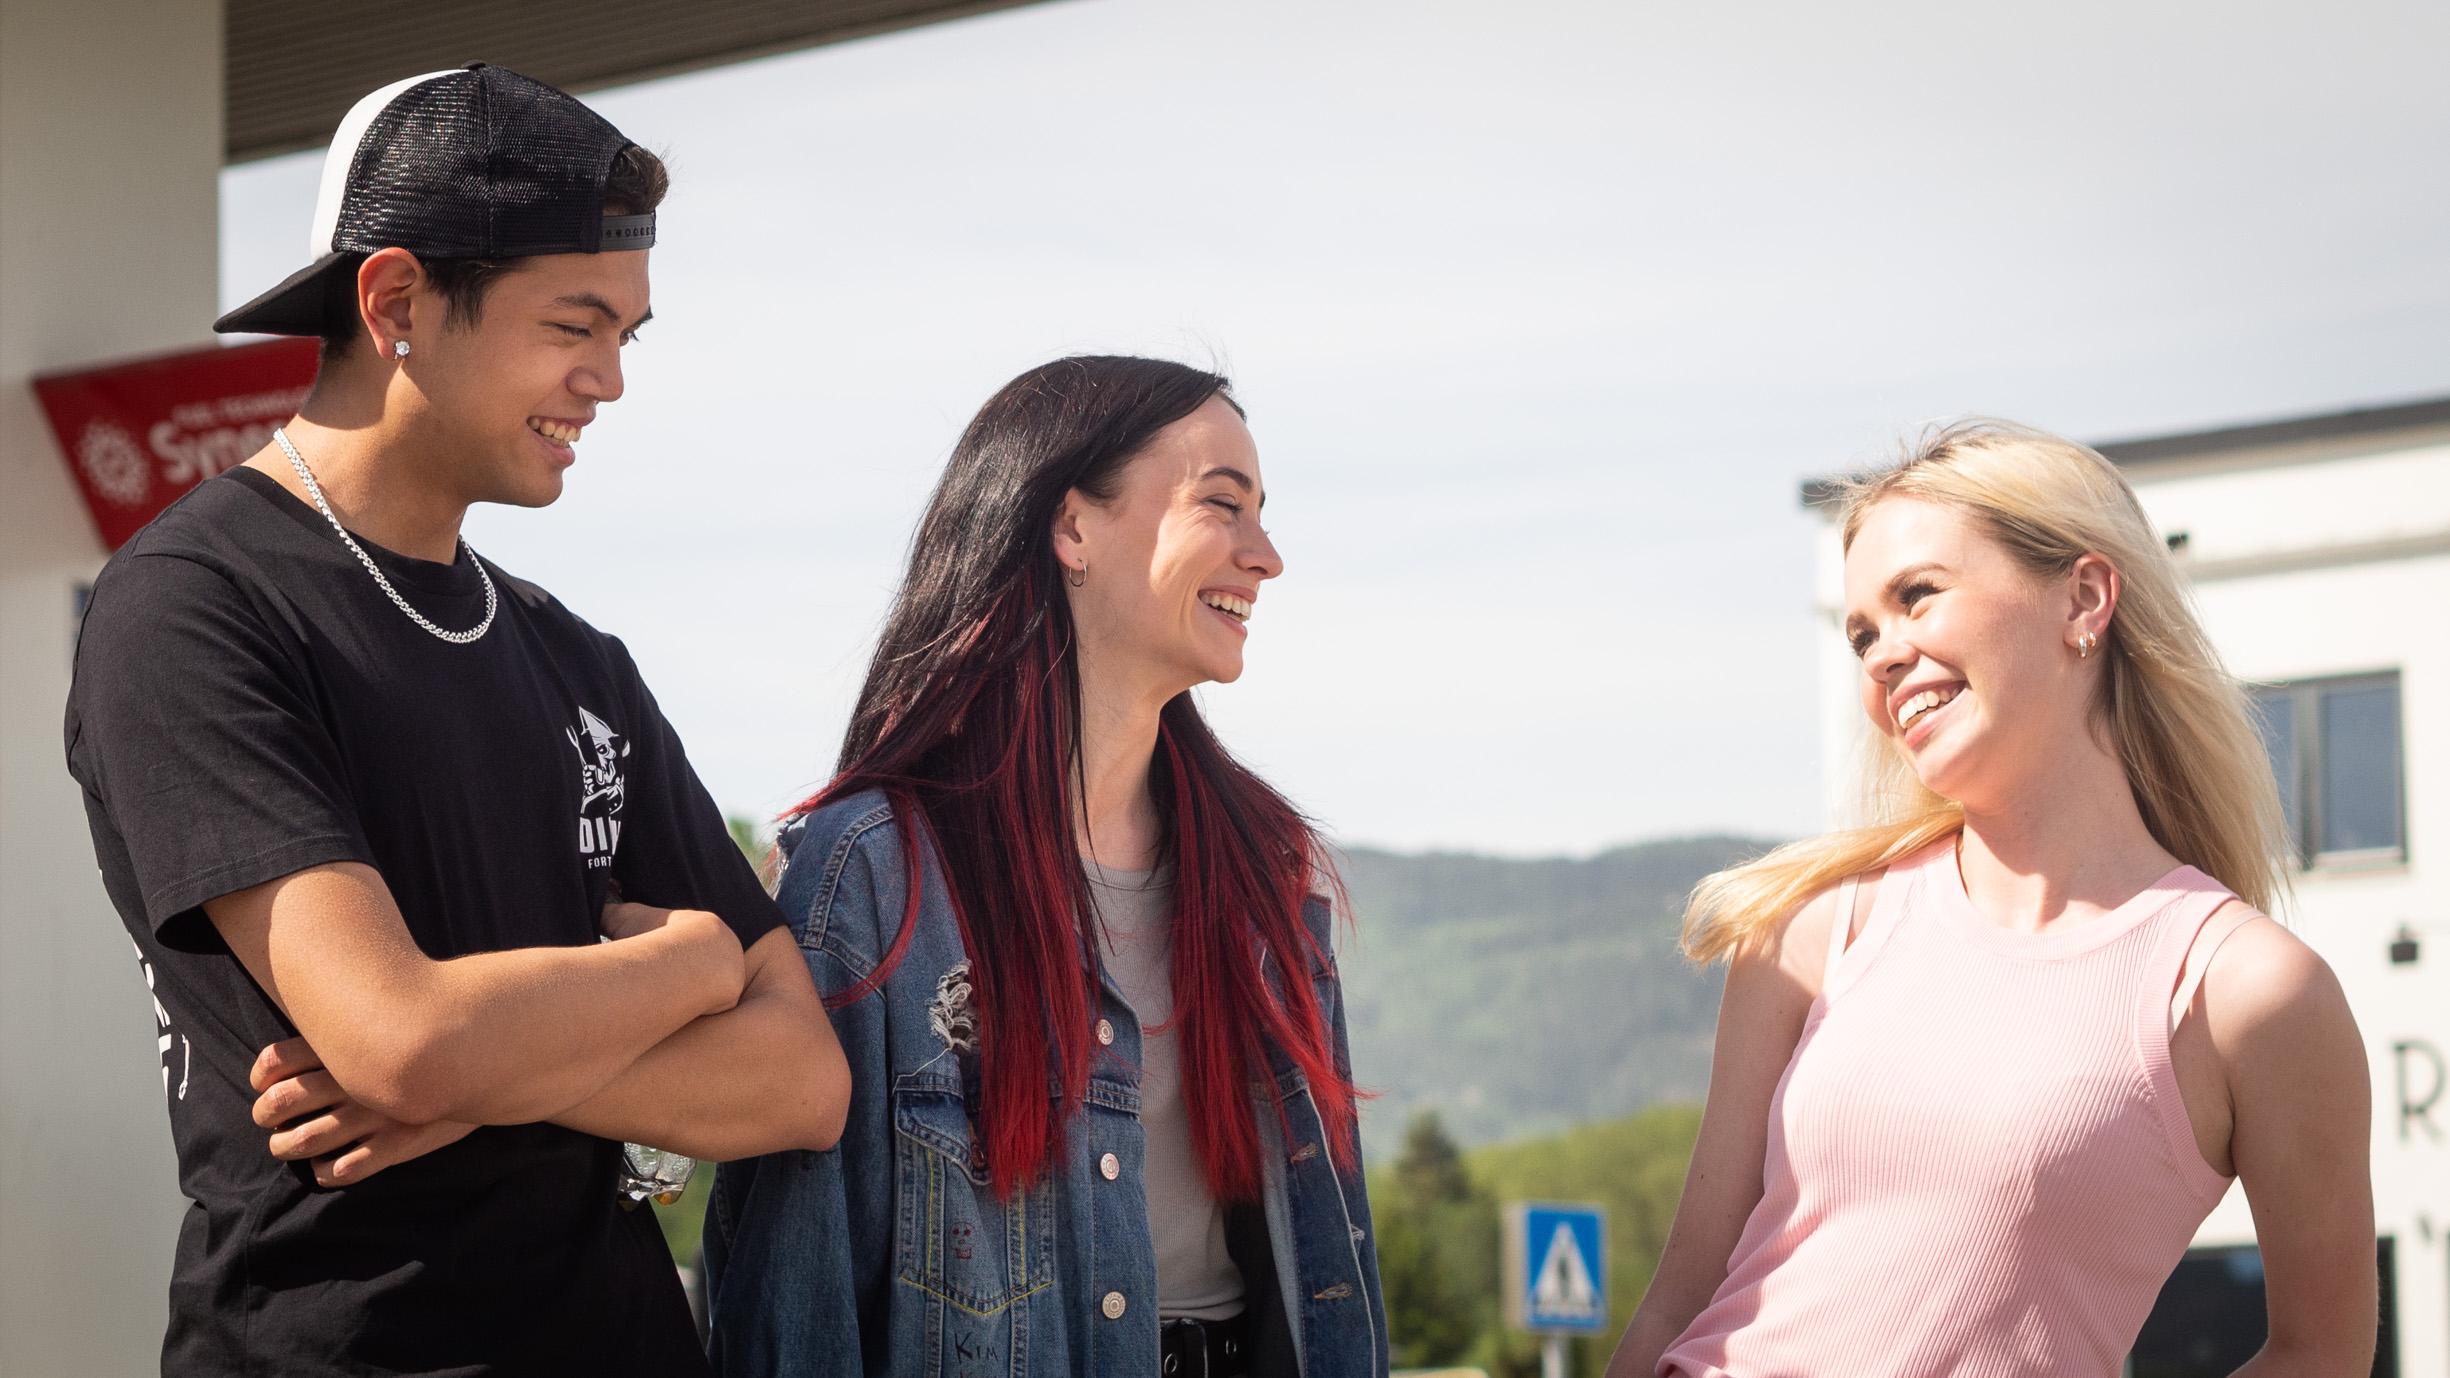 Et bilde av «Kim» (Matthew Santos) og Maja Christiansen (25), som spiller «Hege» i serien. De står på en bensinstasjon. De ser mot Amalie Sporsheim (20) spiller datteren til ordføreren, «Malene».